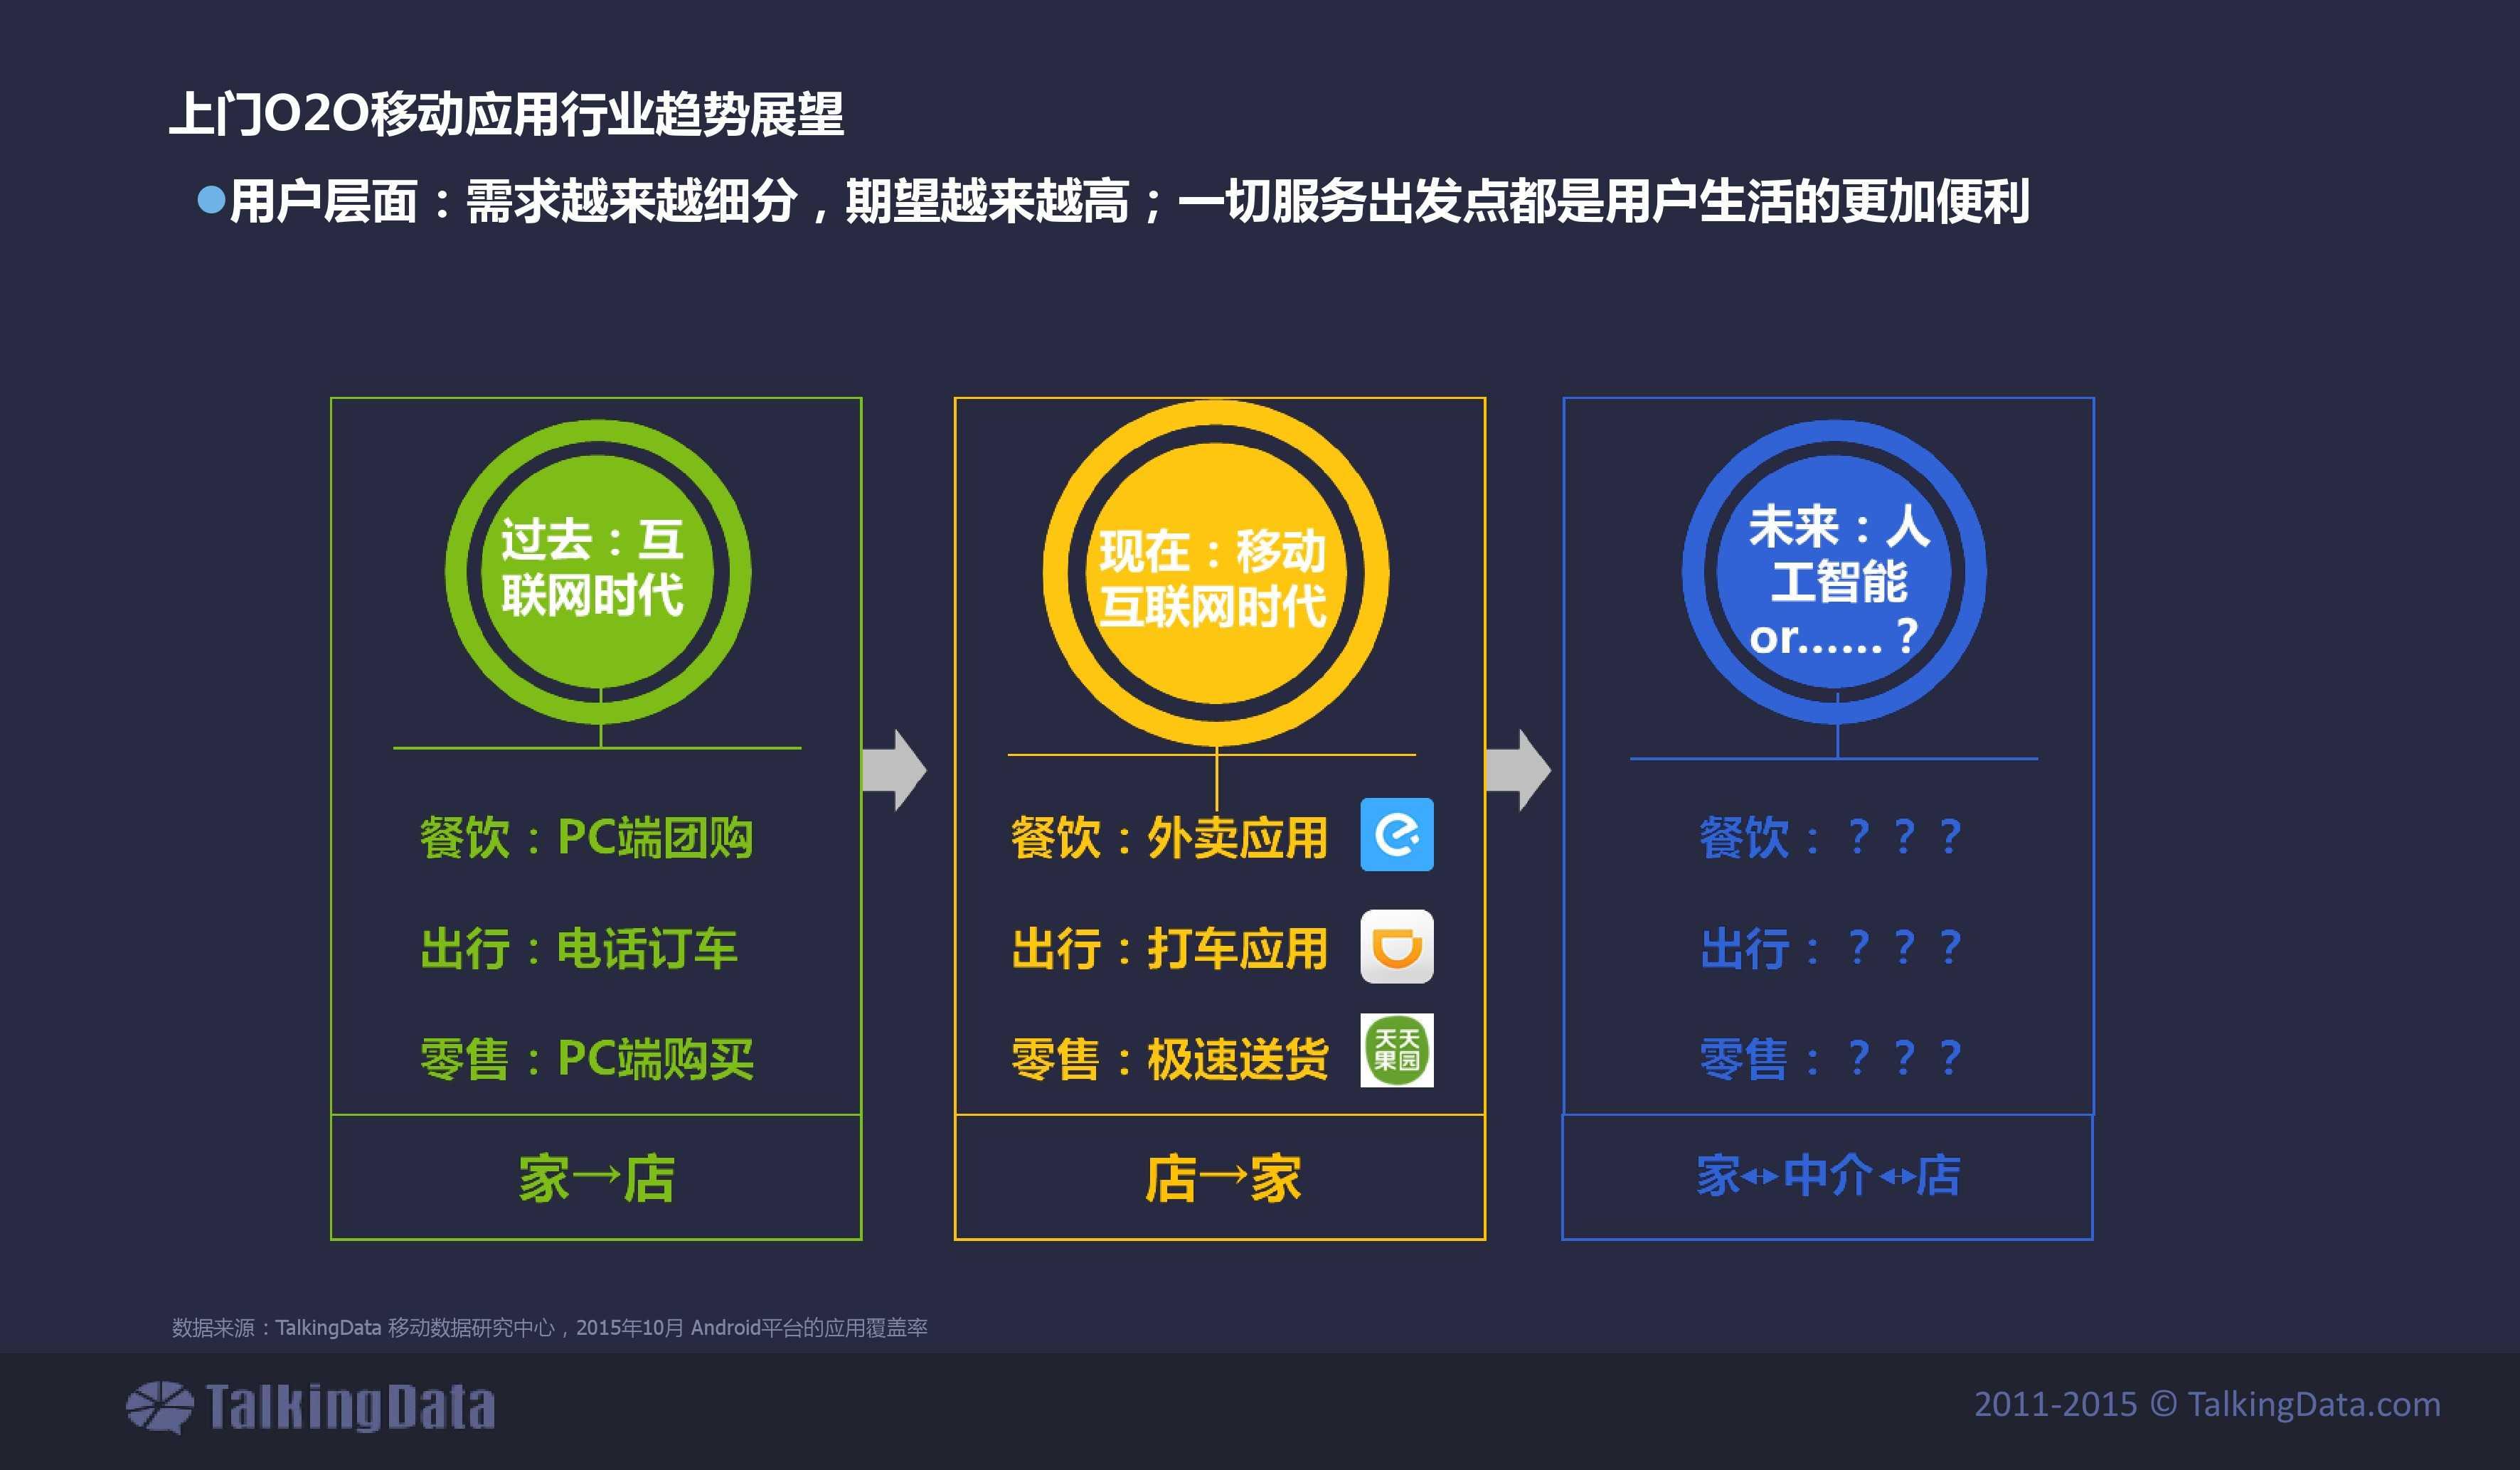 TalkingData2015年上门O2O移动应用行业报告_000032